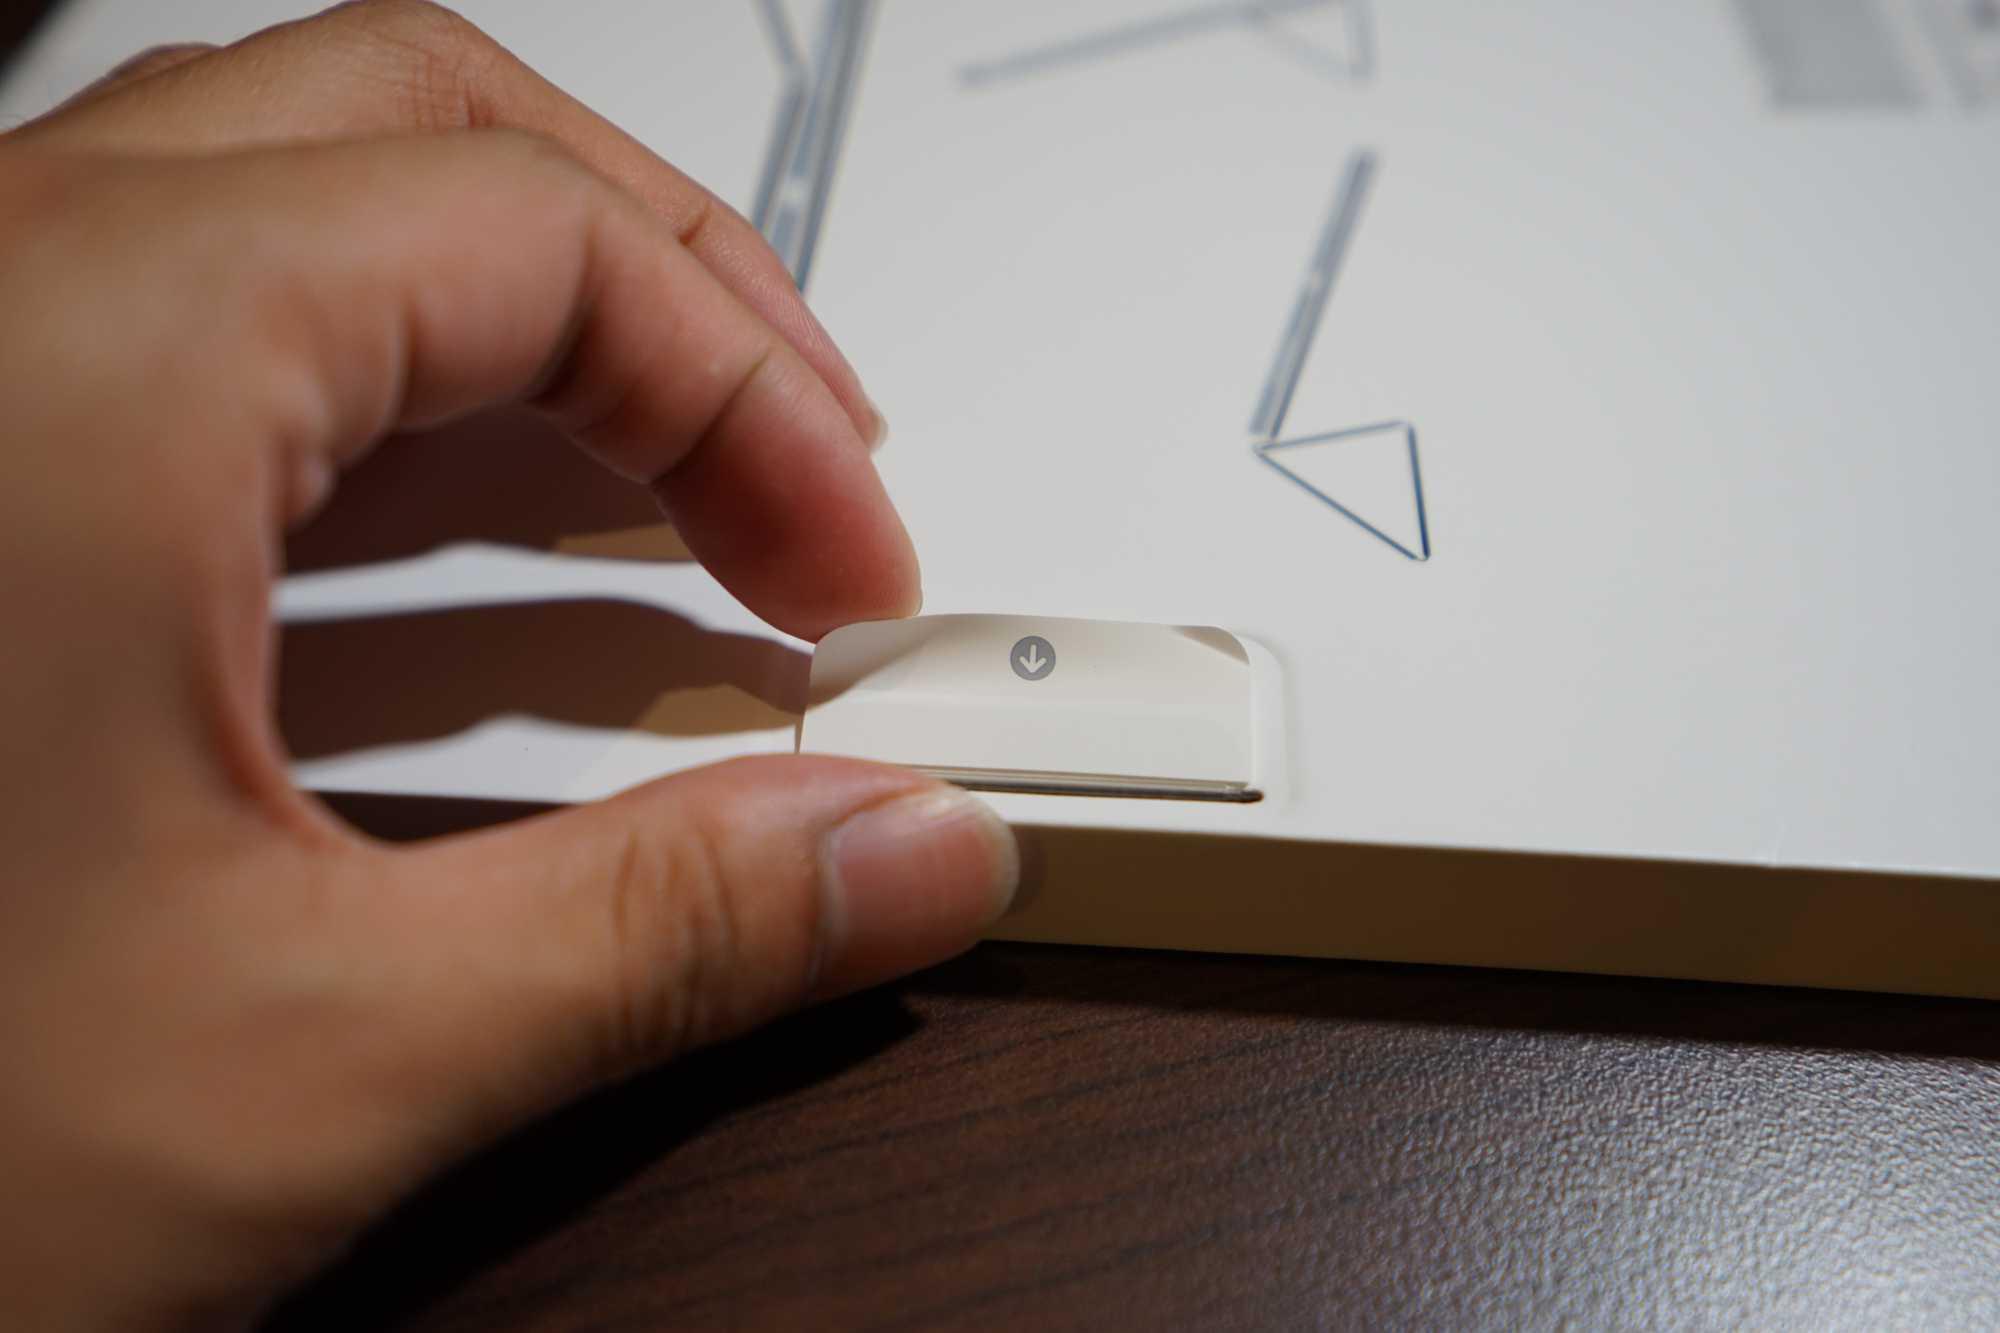 Apple Smart Folio Box Pull Tab